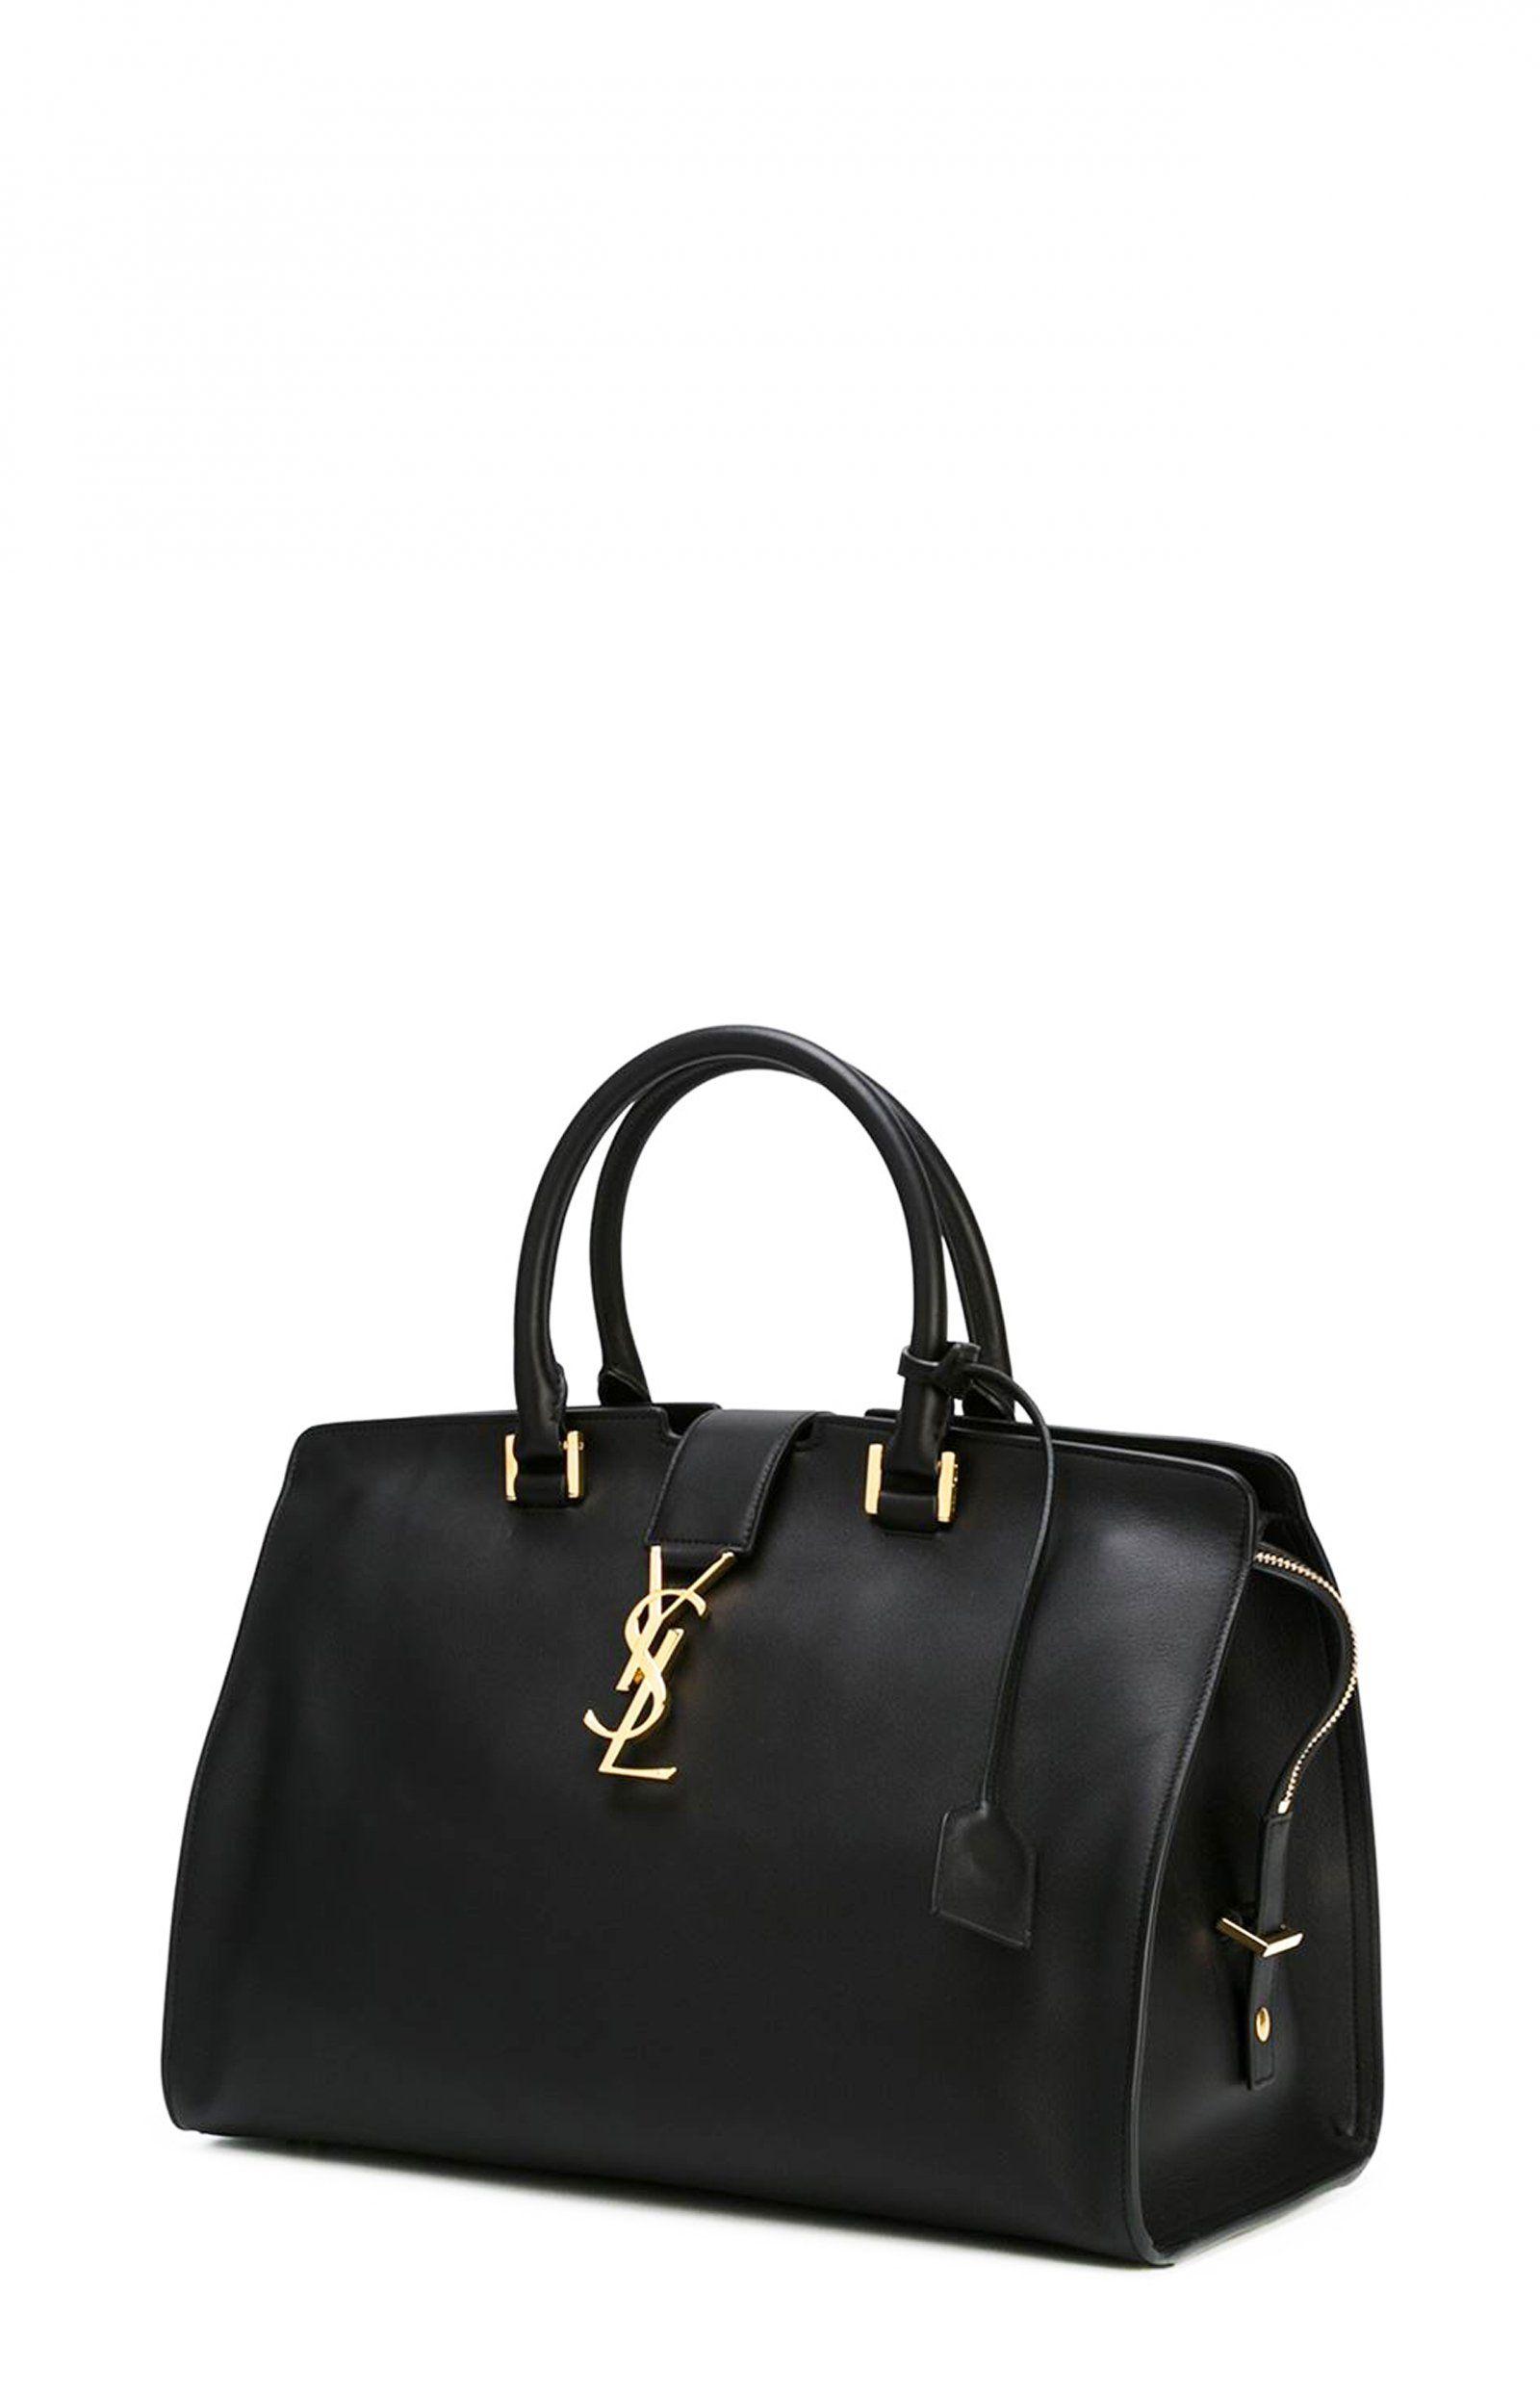 b16fe7f143dd Black Cabas Bag Large - Saint Laurent - Saint Laurent - ANITA HASS ...